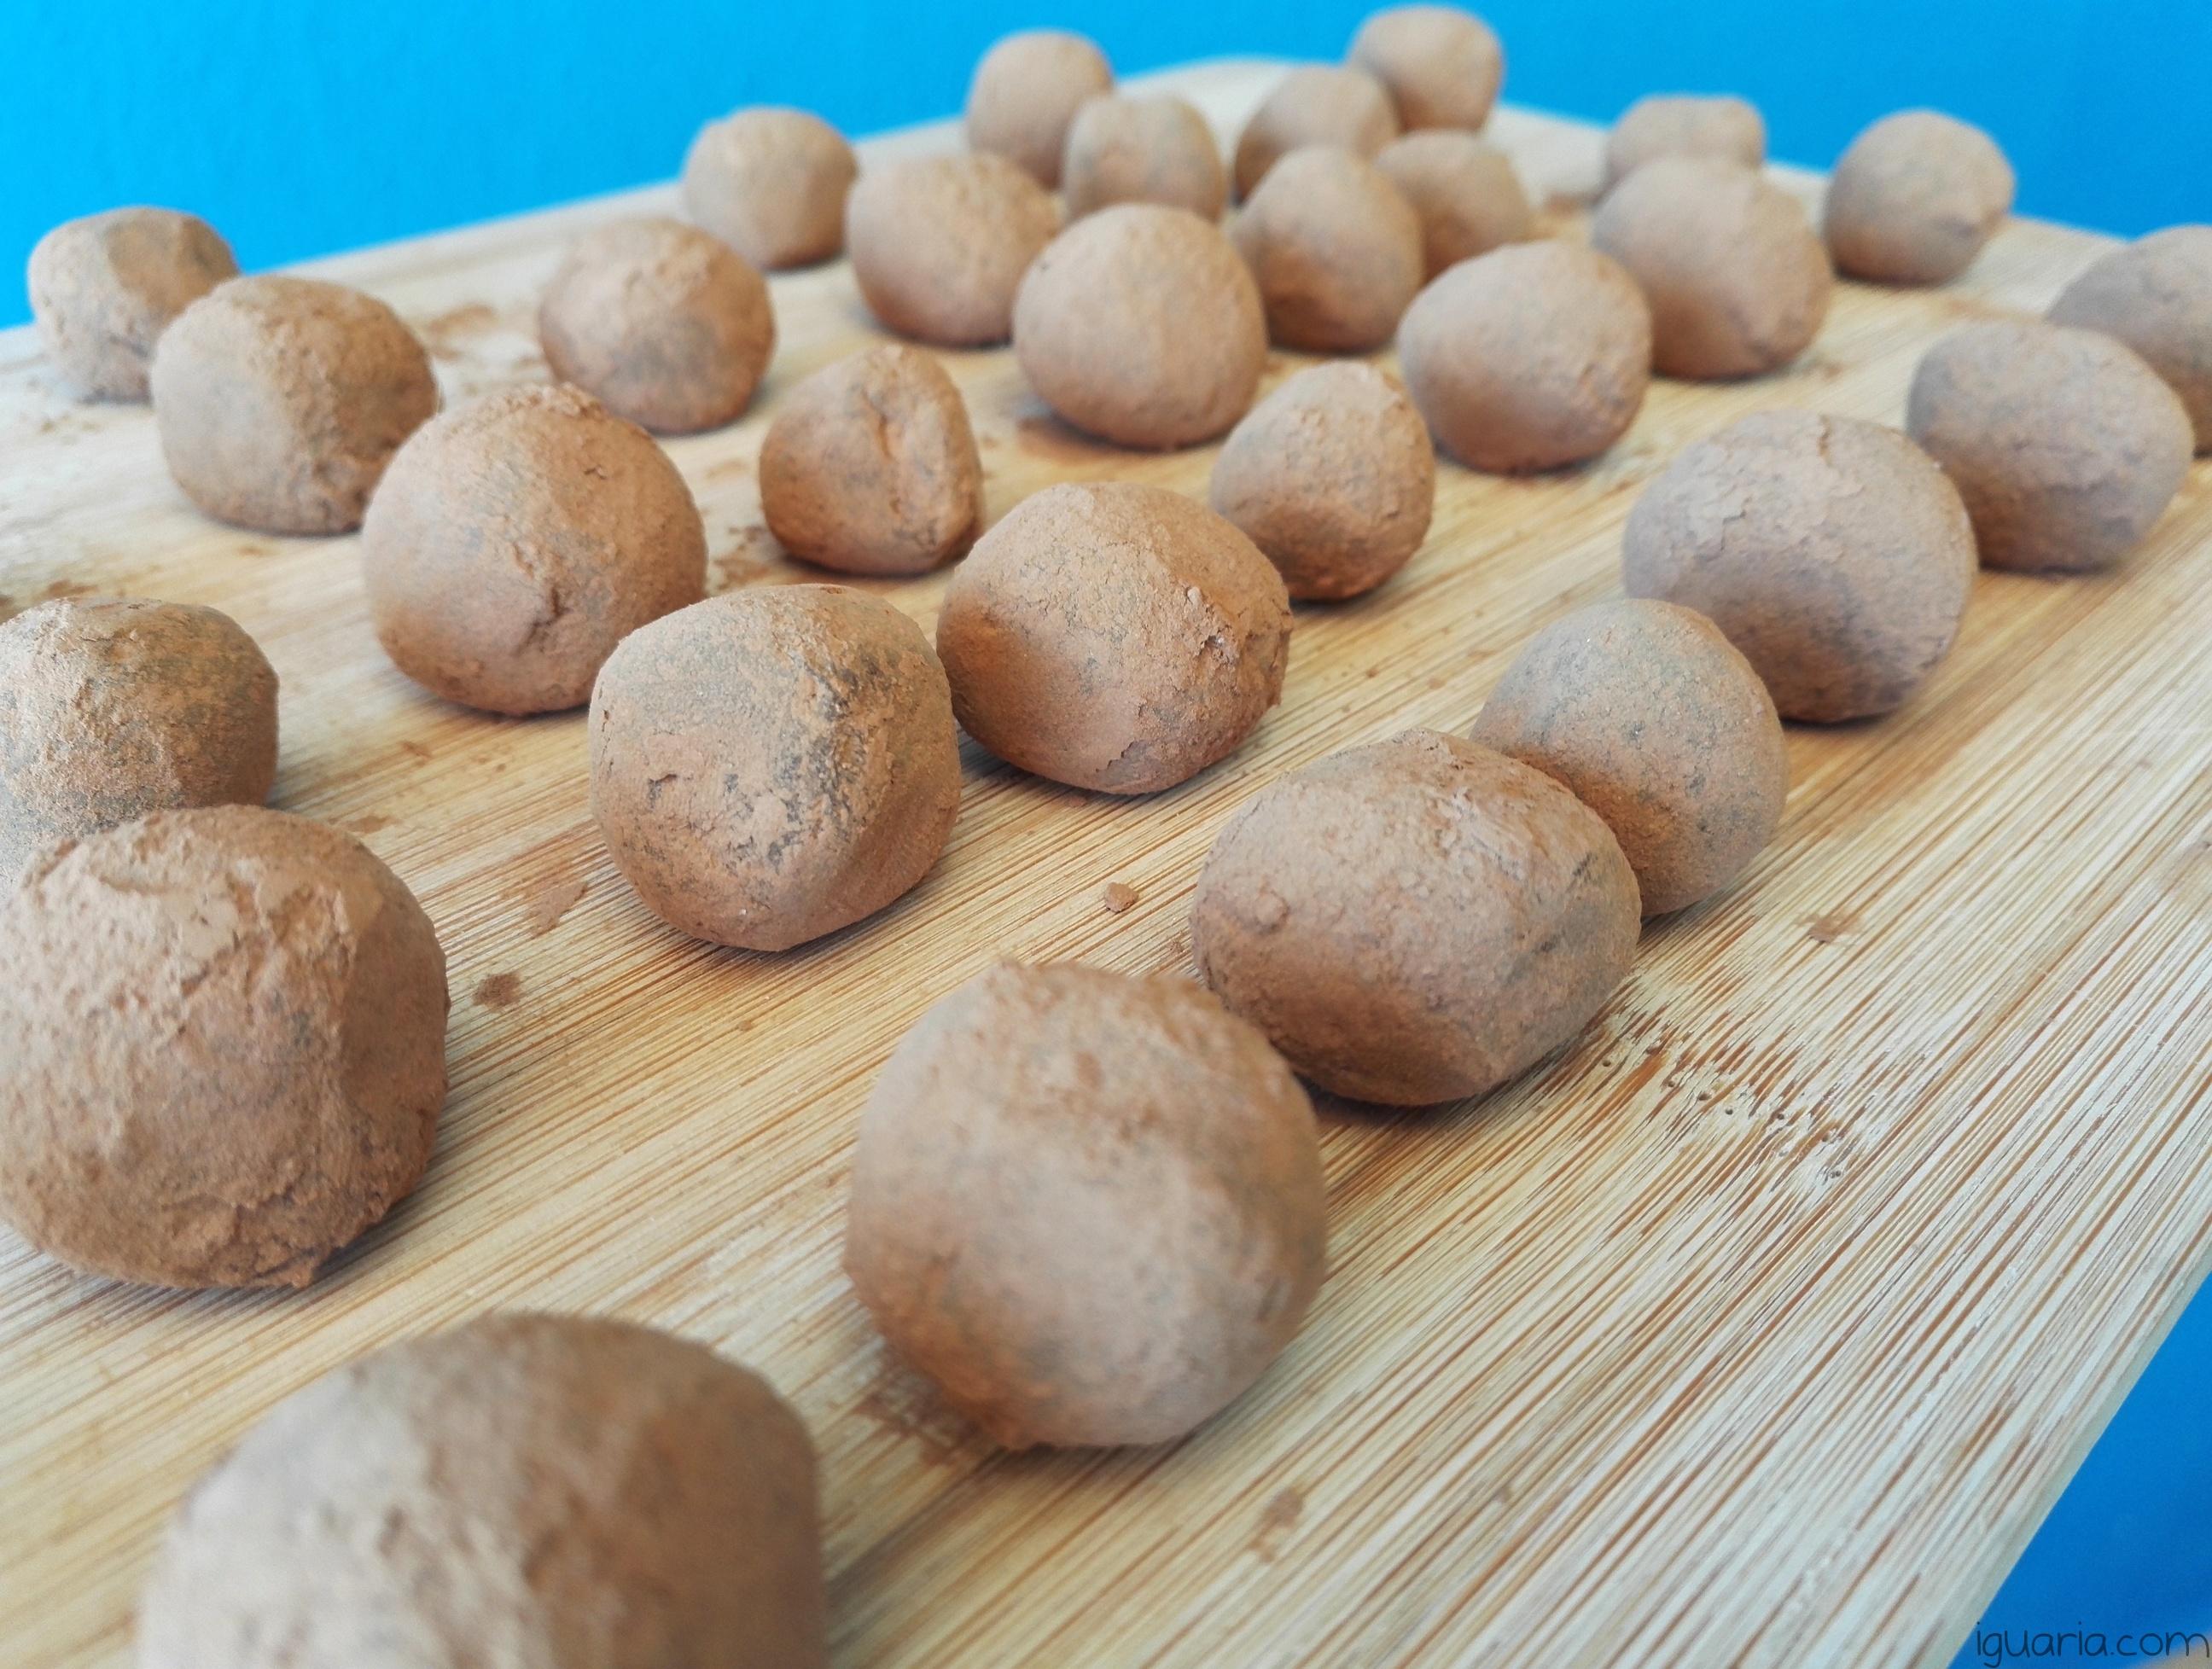 iguaria-trufas-de-cacau-com-amendoa